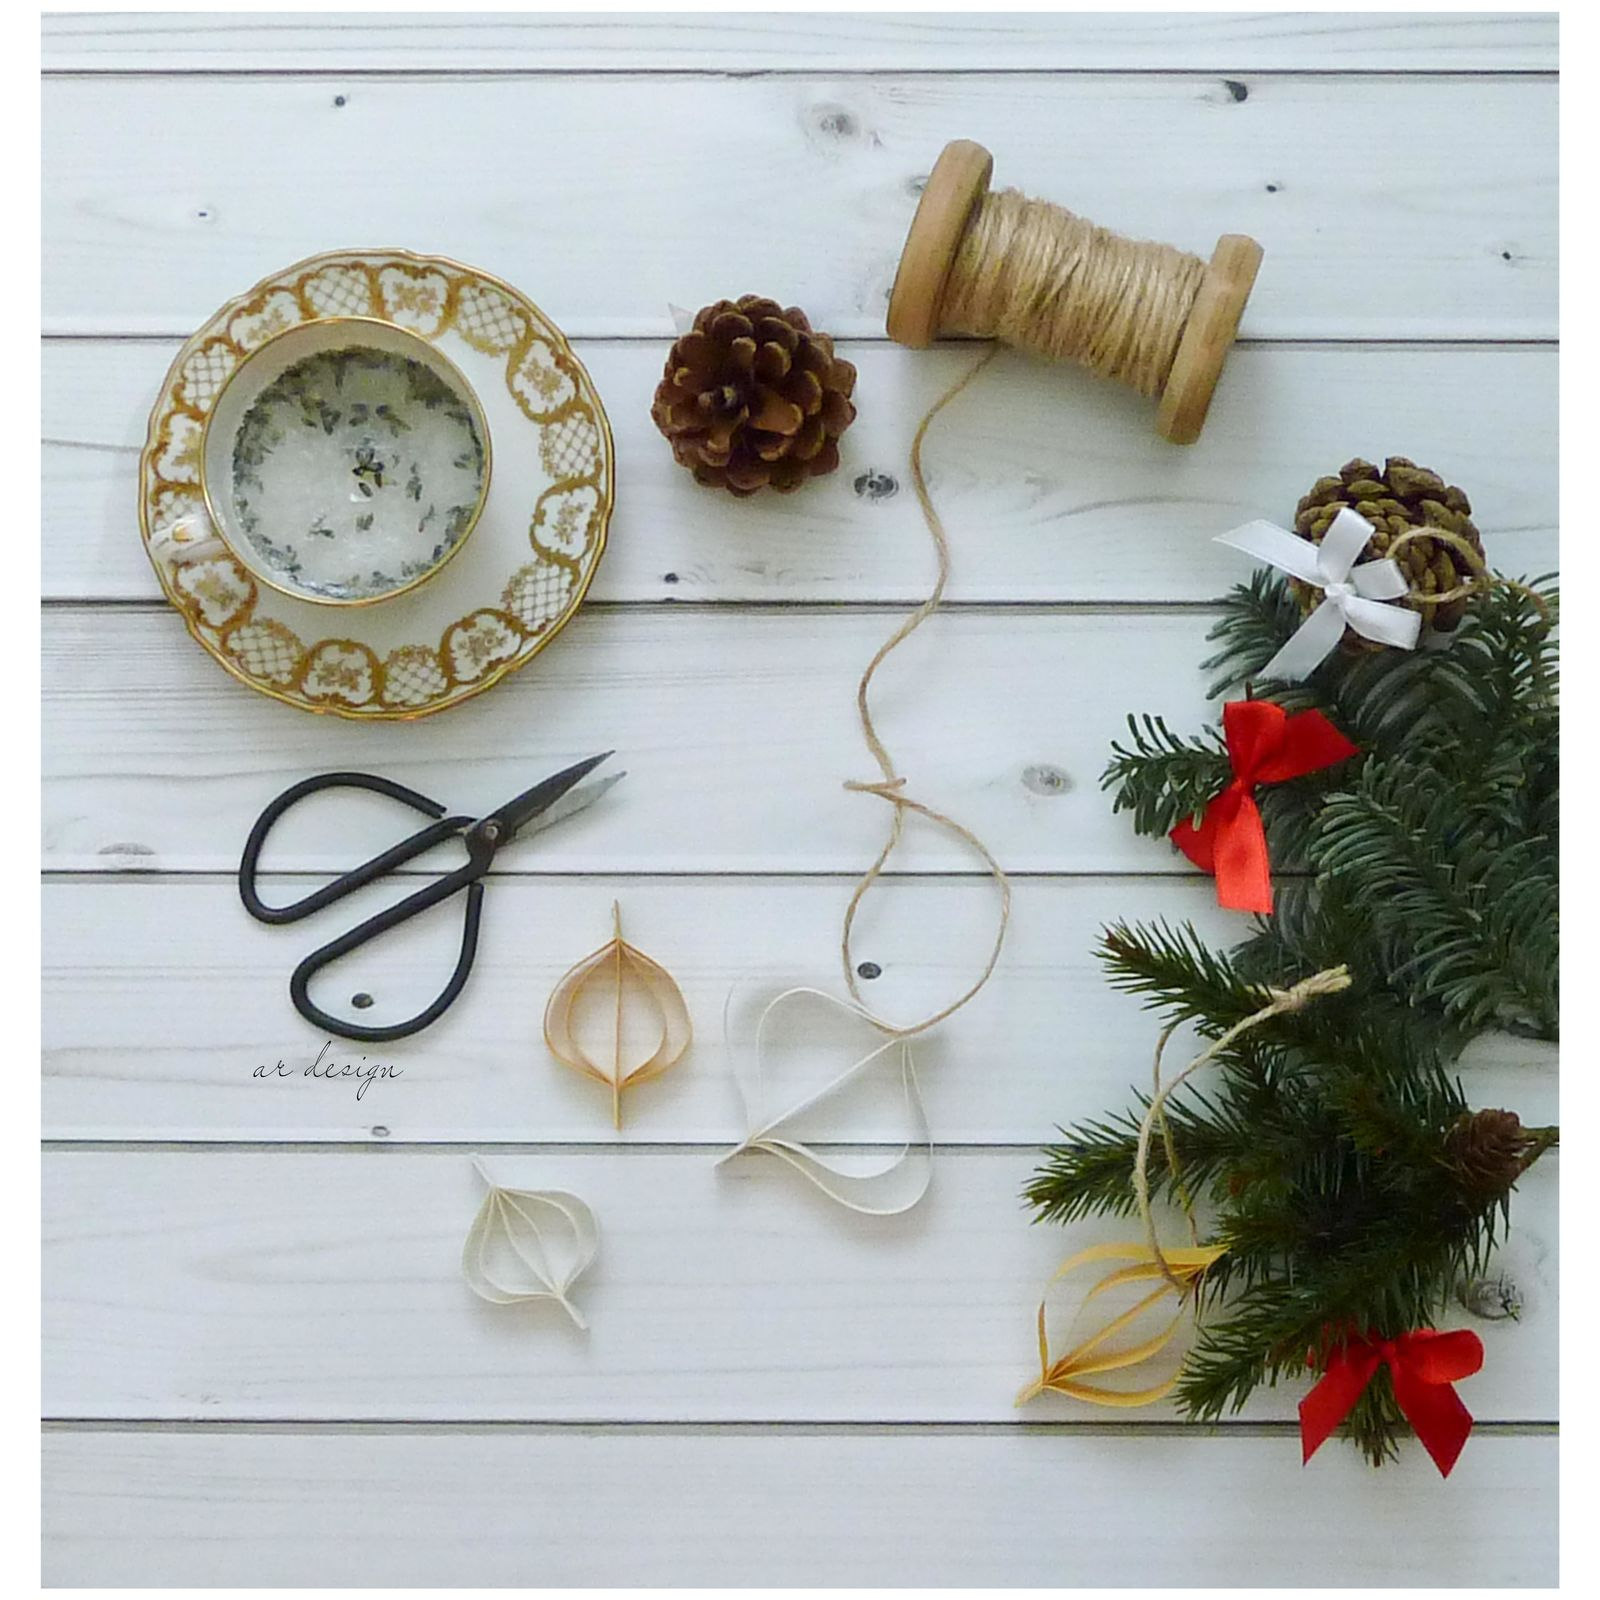 Großartig Weihnachtsdeko Aus Papier Referenz Von Ich Wünsche Ihnen Eine Schöne Und Kreative